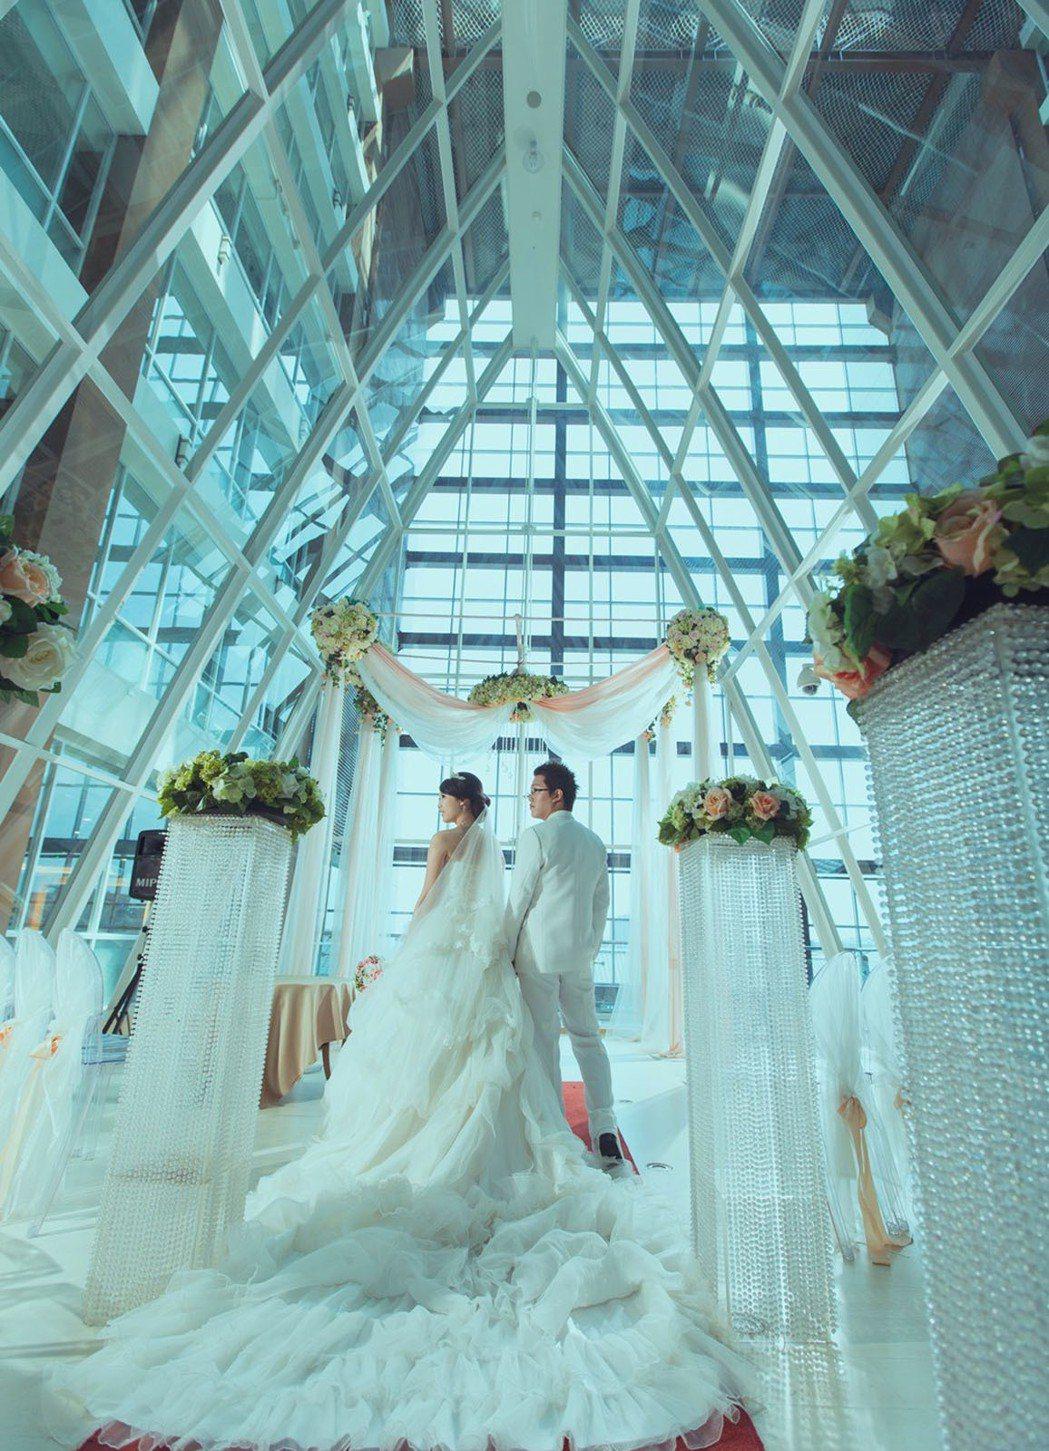 玻璃水晶教堂特別的帷幕造型,成為許多新人喜愛完成浪漫婚禮場所。 圖/桃禧航空城酒...